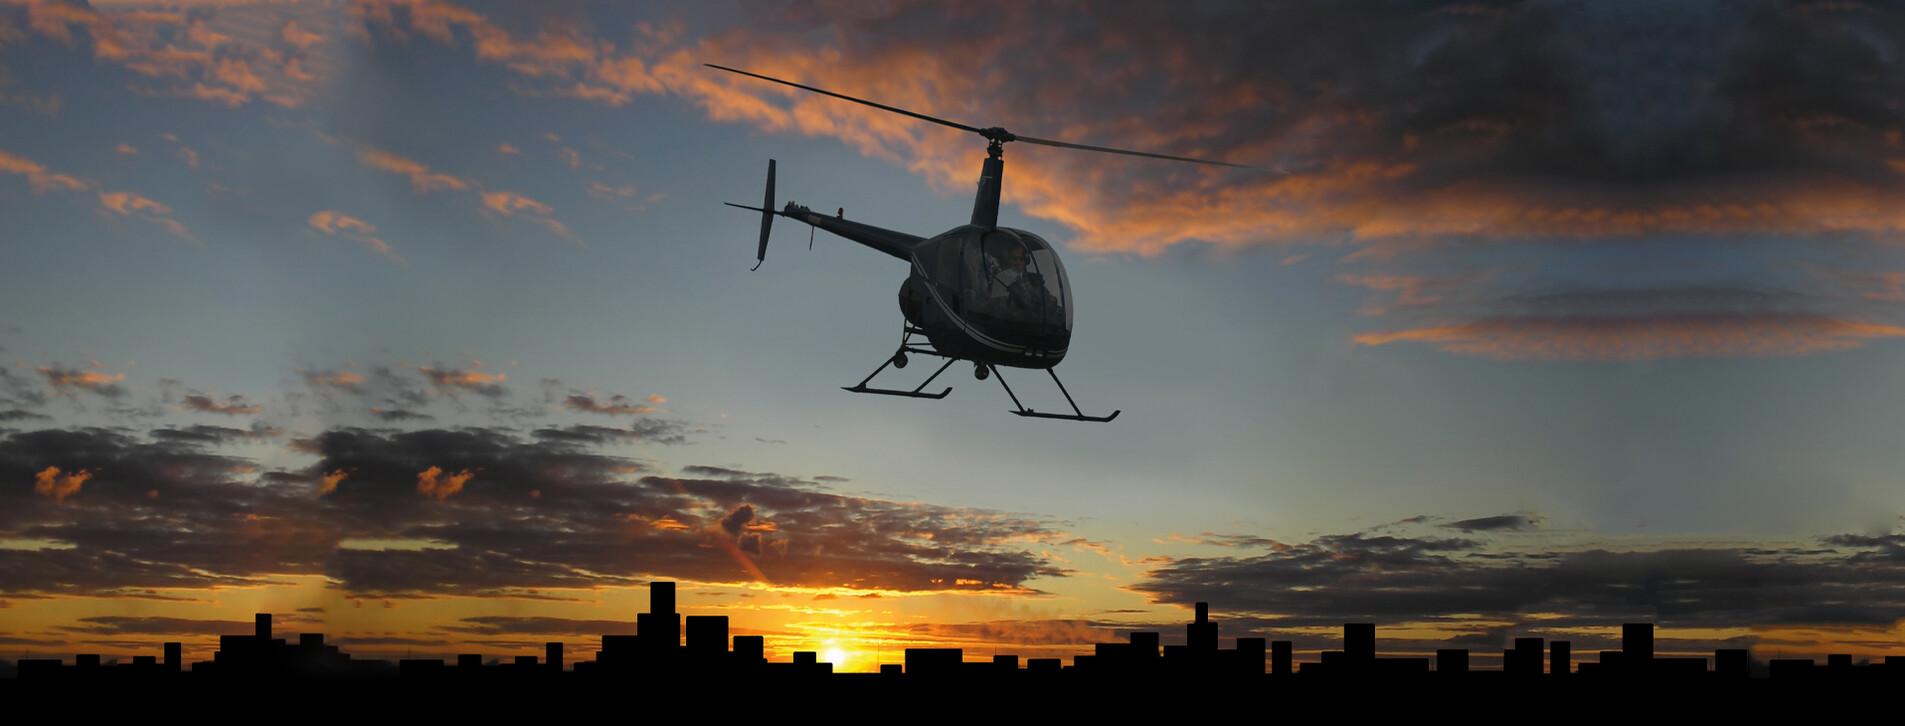 Фото 1 - Полет на вертолете Robinson R22 над ночным Киевом